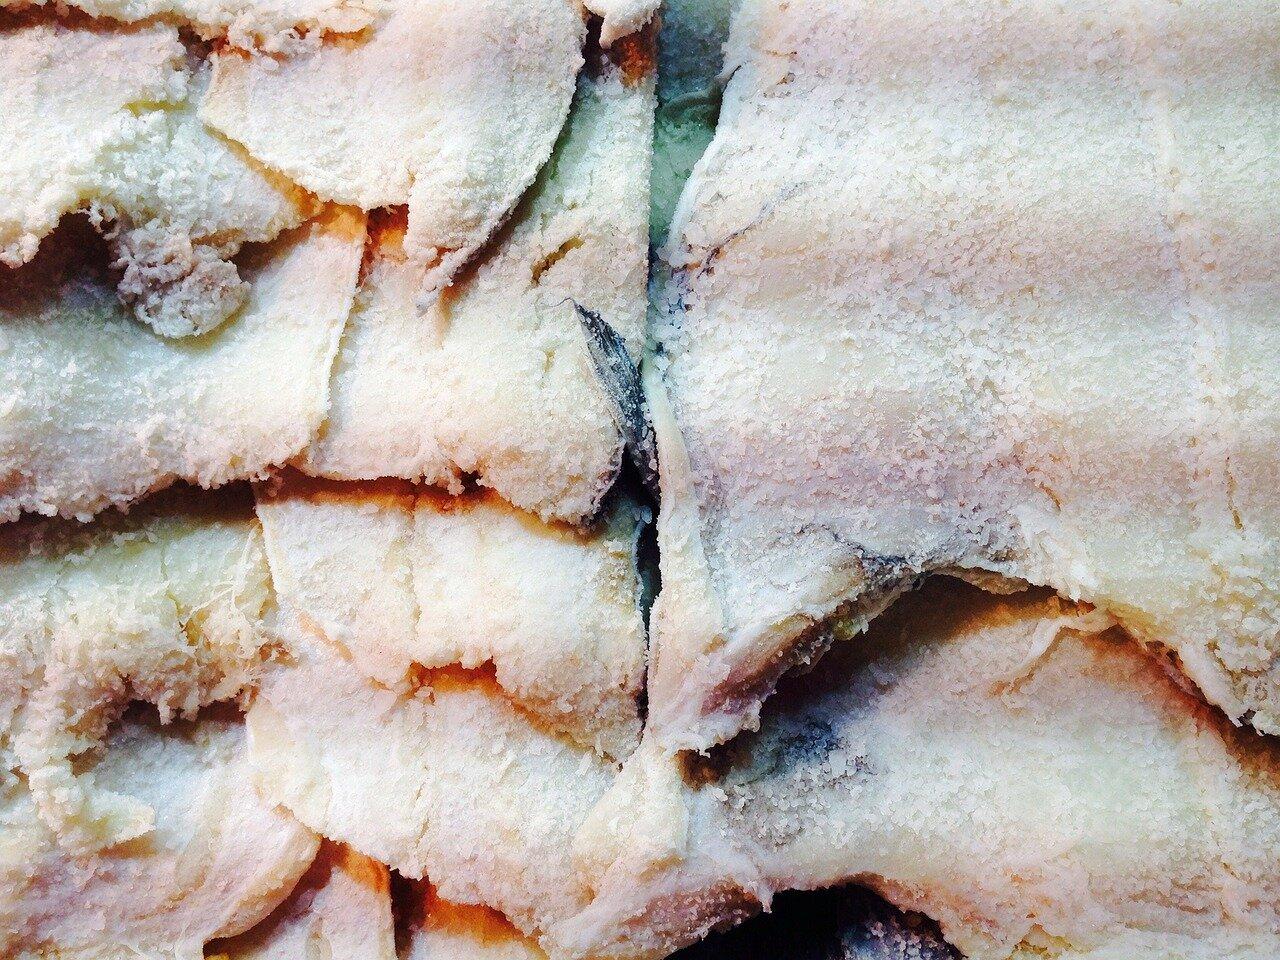 Borreta alicantina de bacalao (bacalao en salazón)